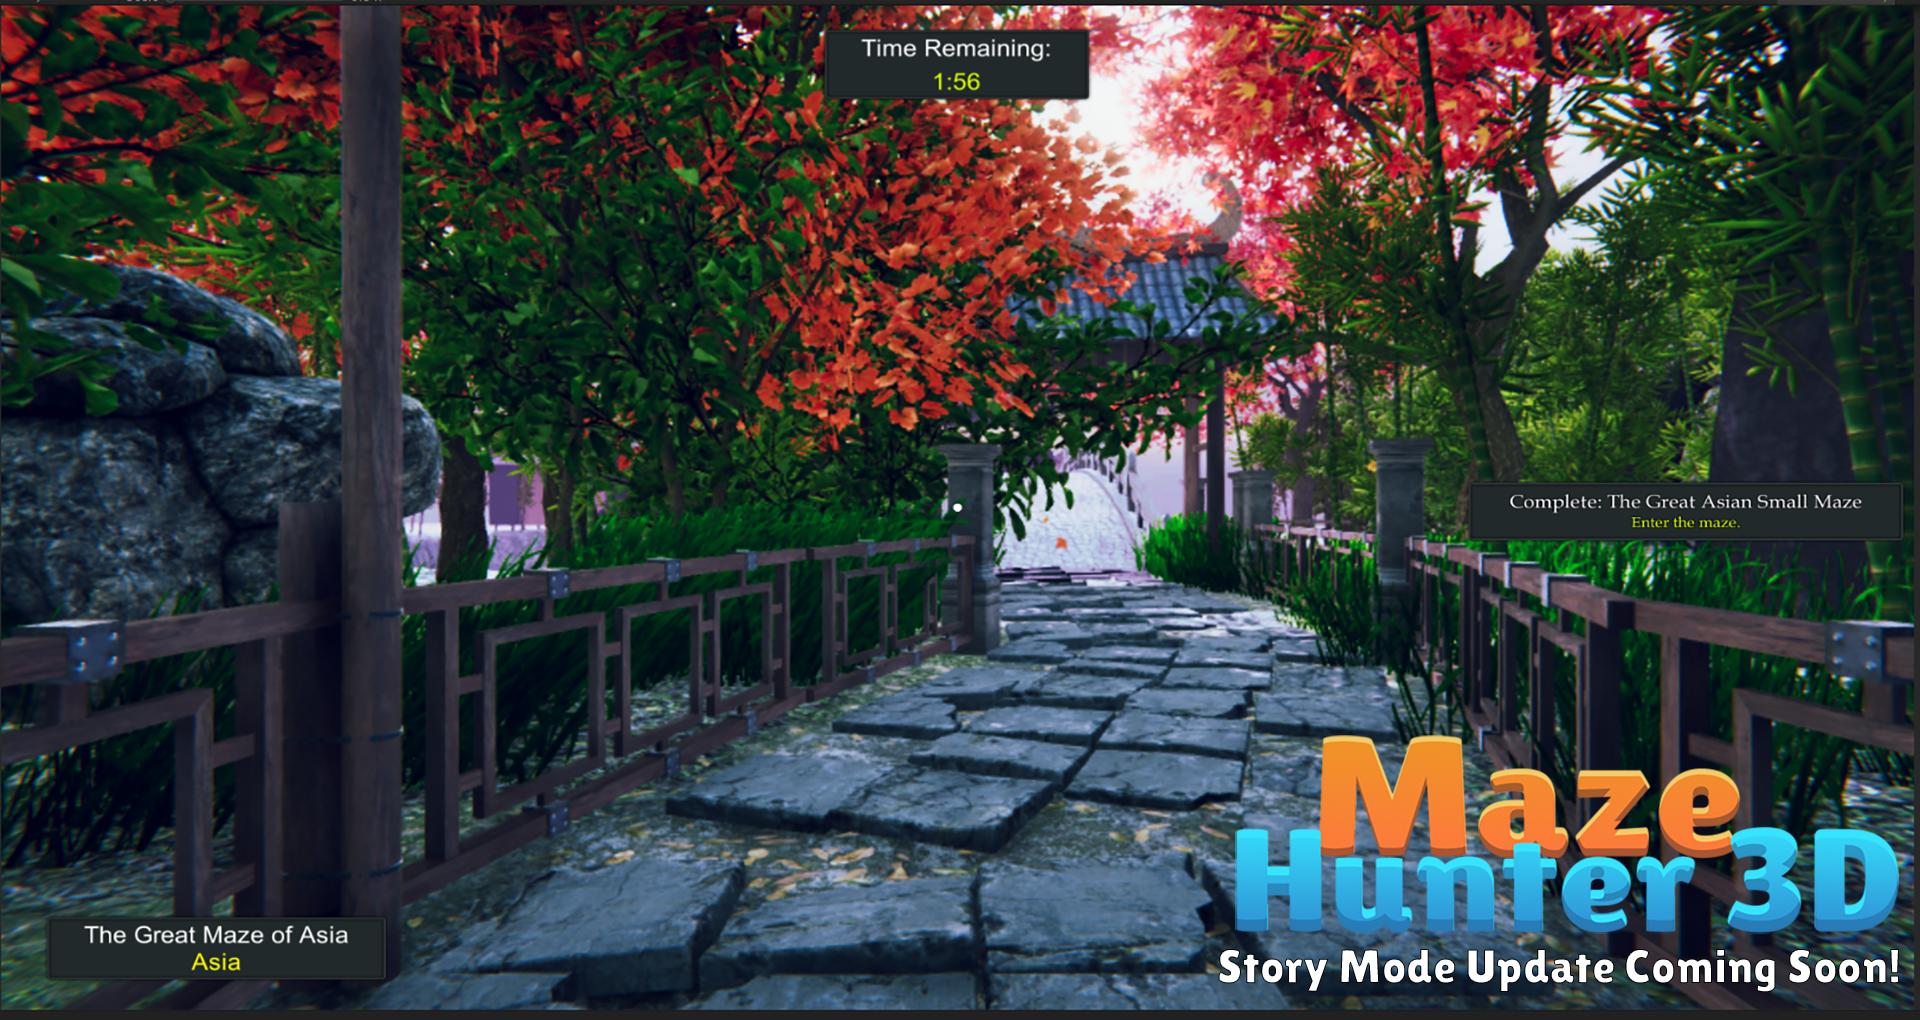 Maze Hunter 3D